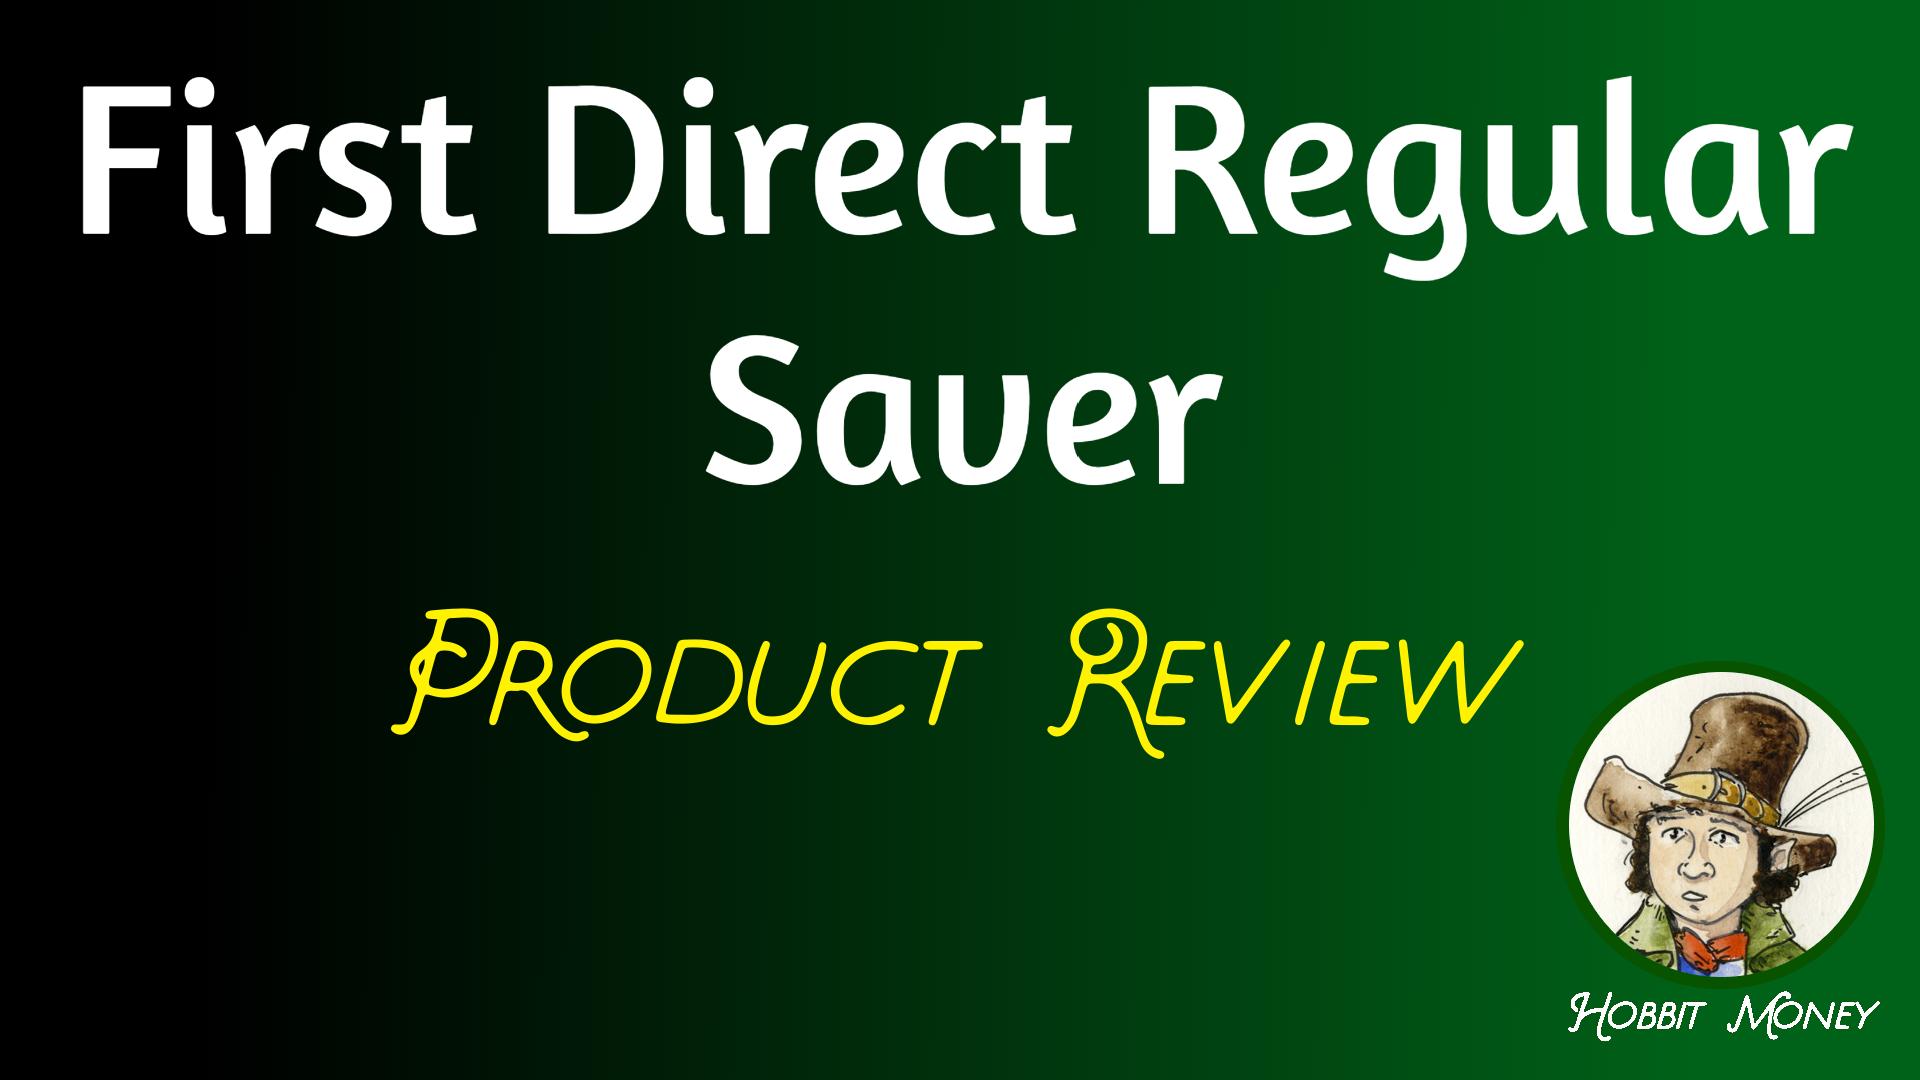 First Direct Regular Saver Review - Hobbit Money.